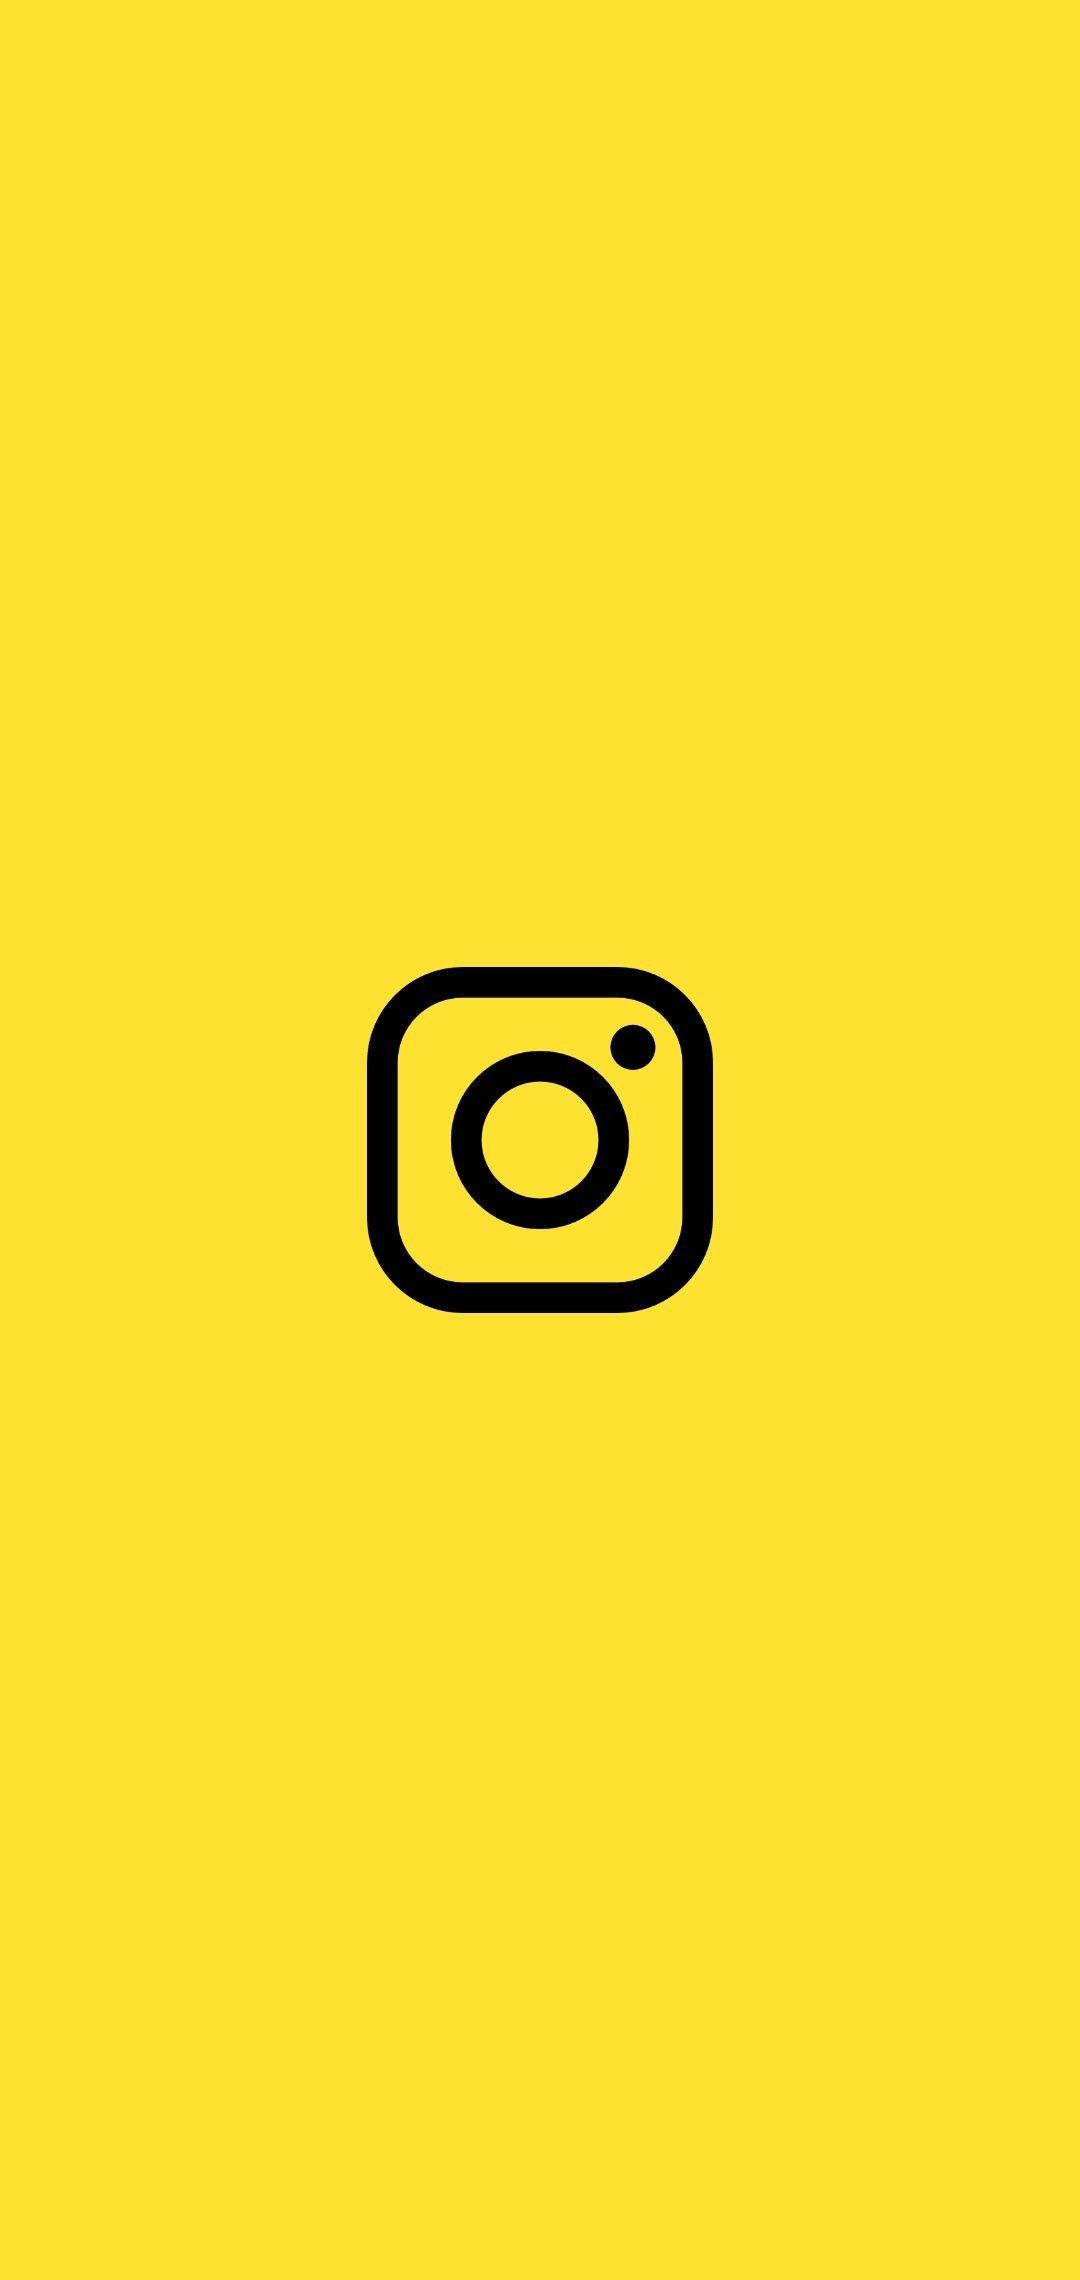 Instagram Iphone Wallpaper Yellow Emoji Wallpaper Iphone Instagram Wallpaper